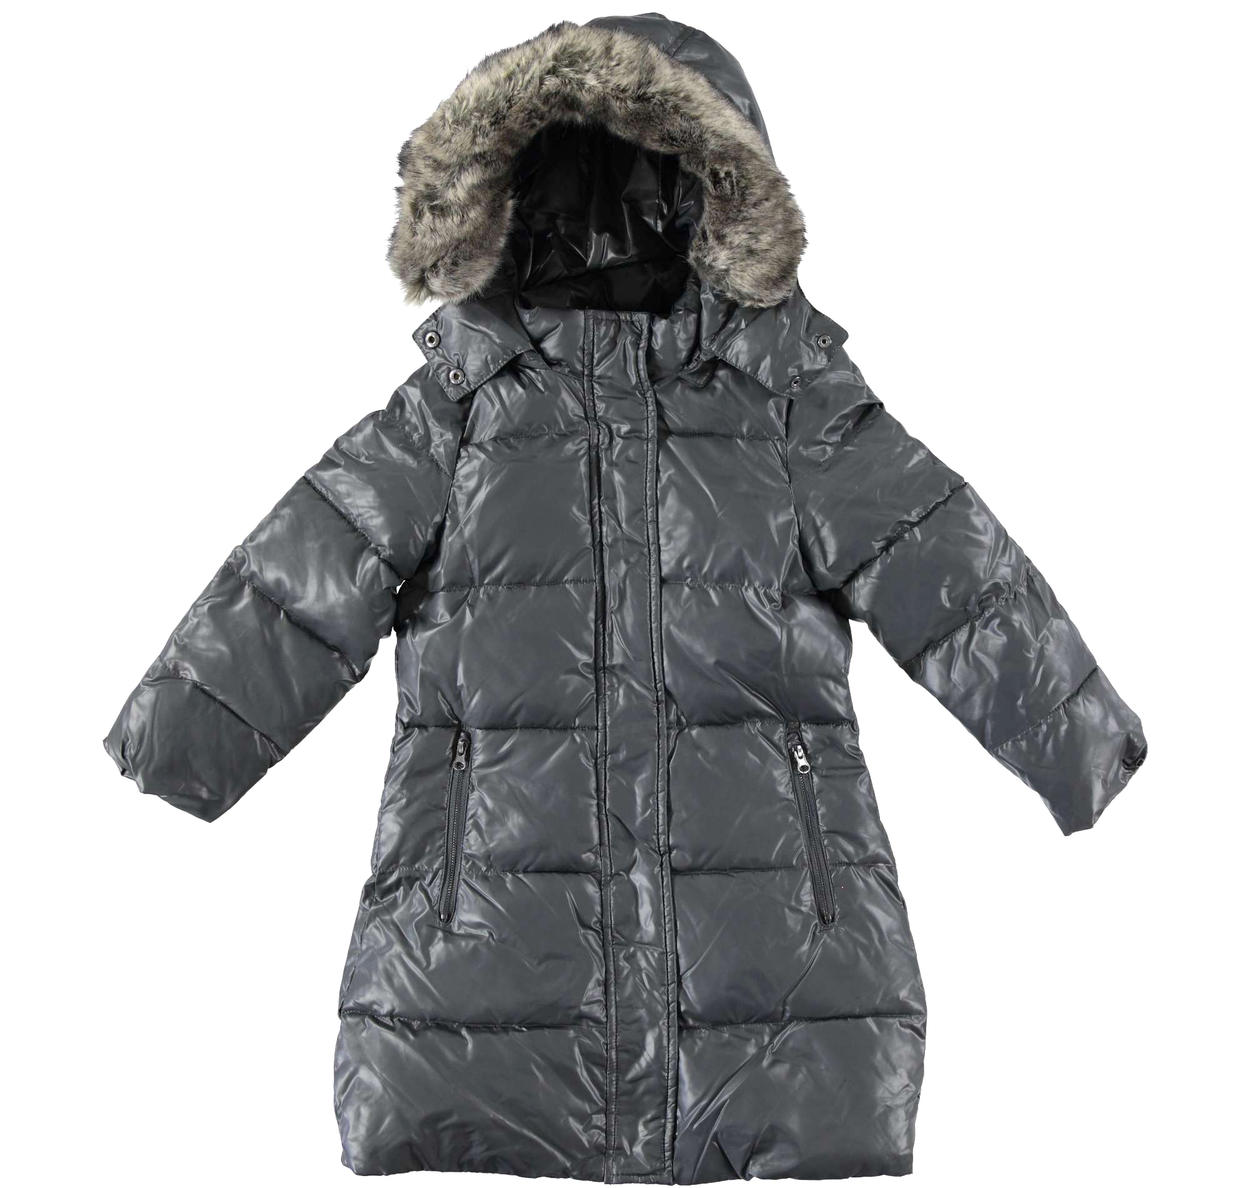 newest ecbd2 06c52 Piumino invernale imbottito in ovatta e foderato in pelliccia sintetica per  bambina da 6 a 16 anni Sarabanda